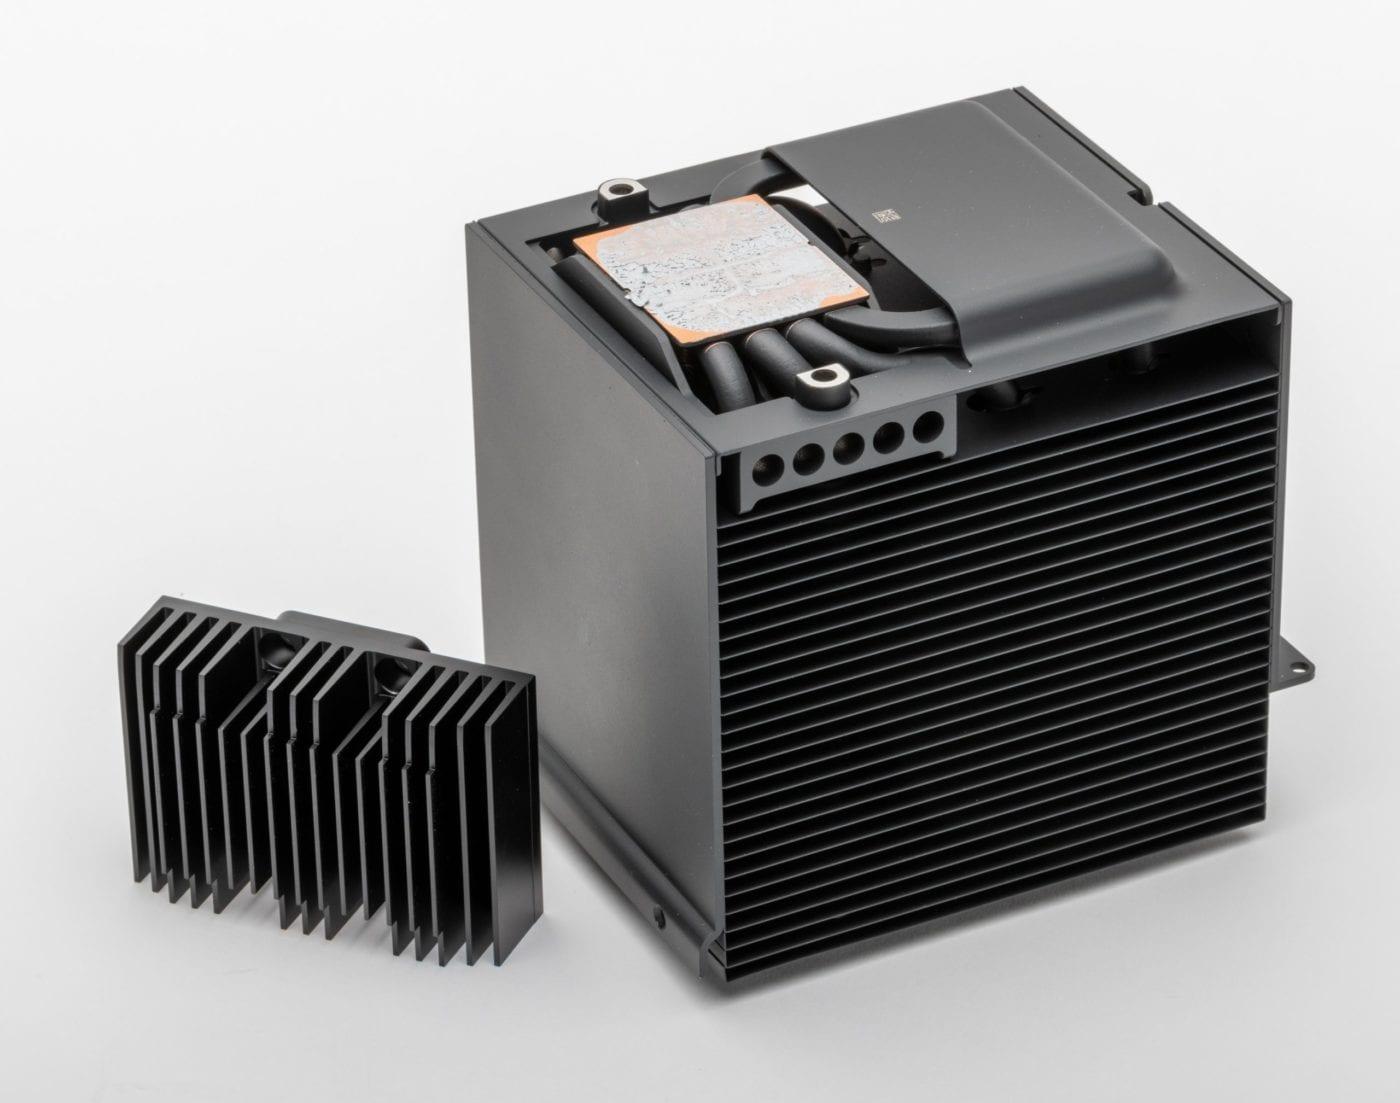 2019 mMac Pro – Heat Sinks